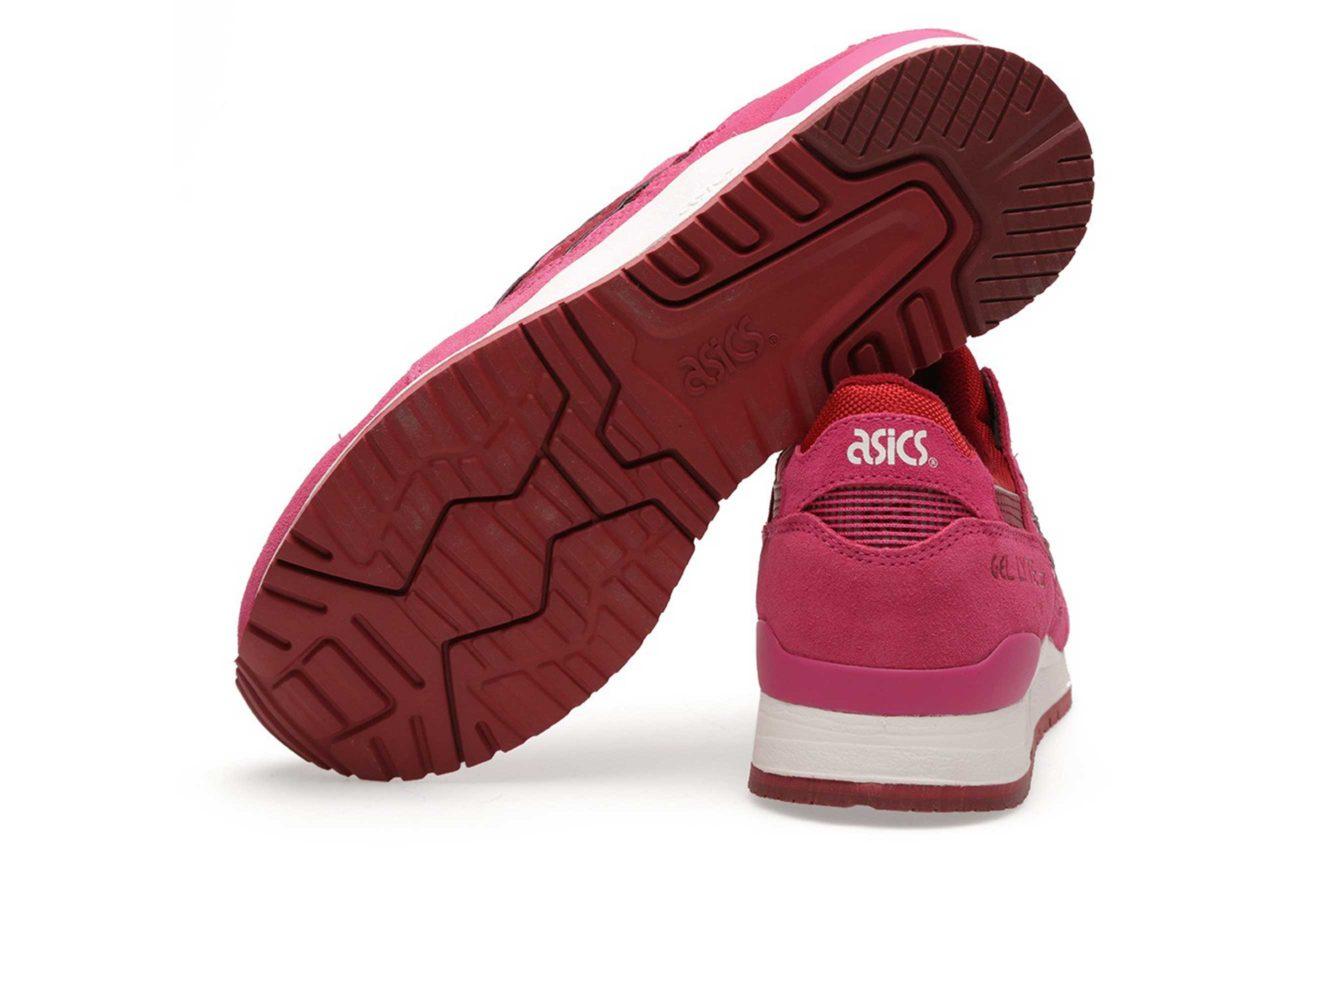 Интернет магазин купить оригинальные кроссовки ASICS GEL-LYTE III H483N-2526